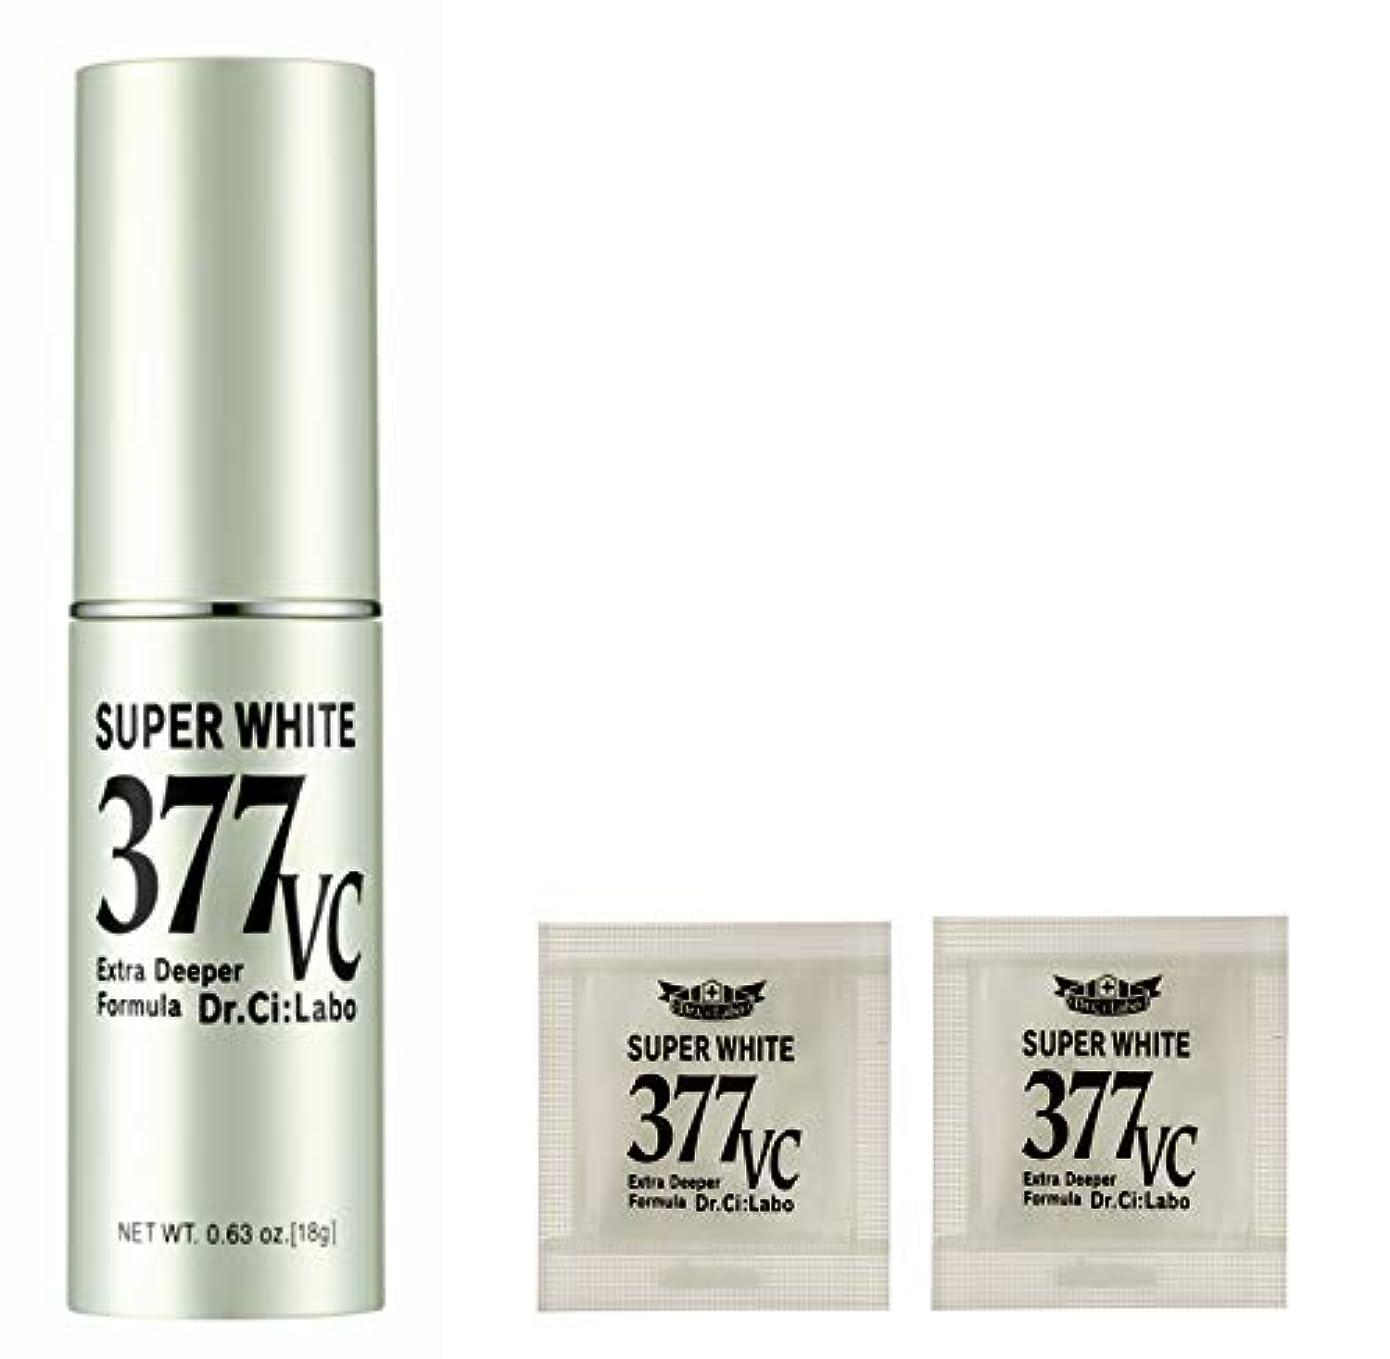 エネルギー歌口述する【Amazon.co.jp限定】 ドクターシーラボ スーパーホワイト377VC+サンプルパウチ 美容液 セット 18g+サンプル1回分付き